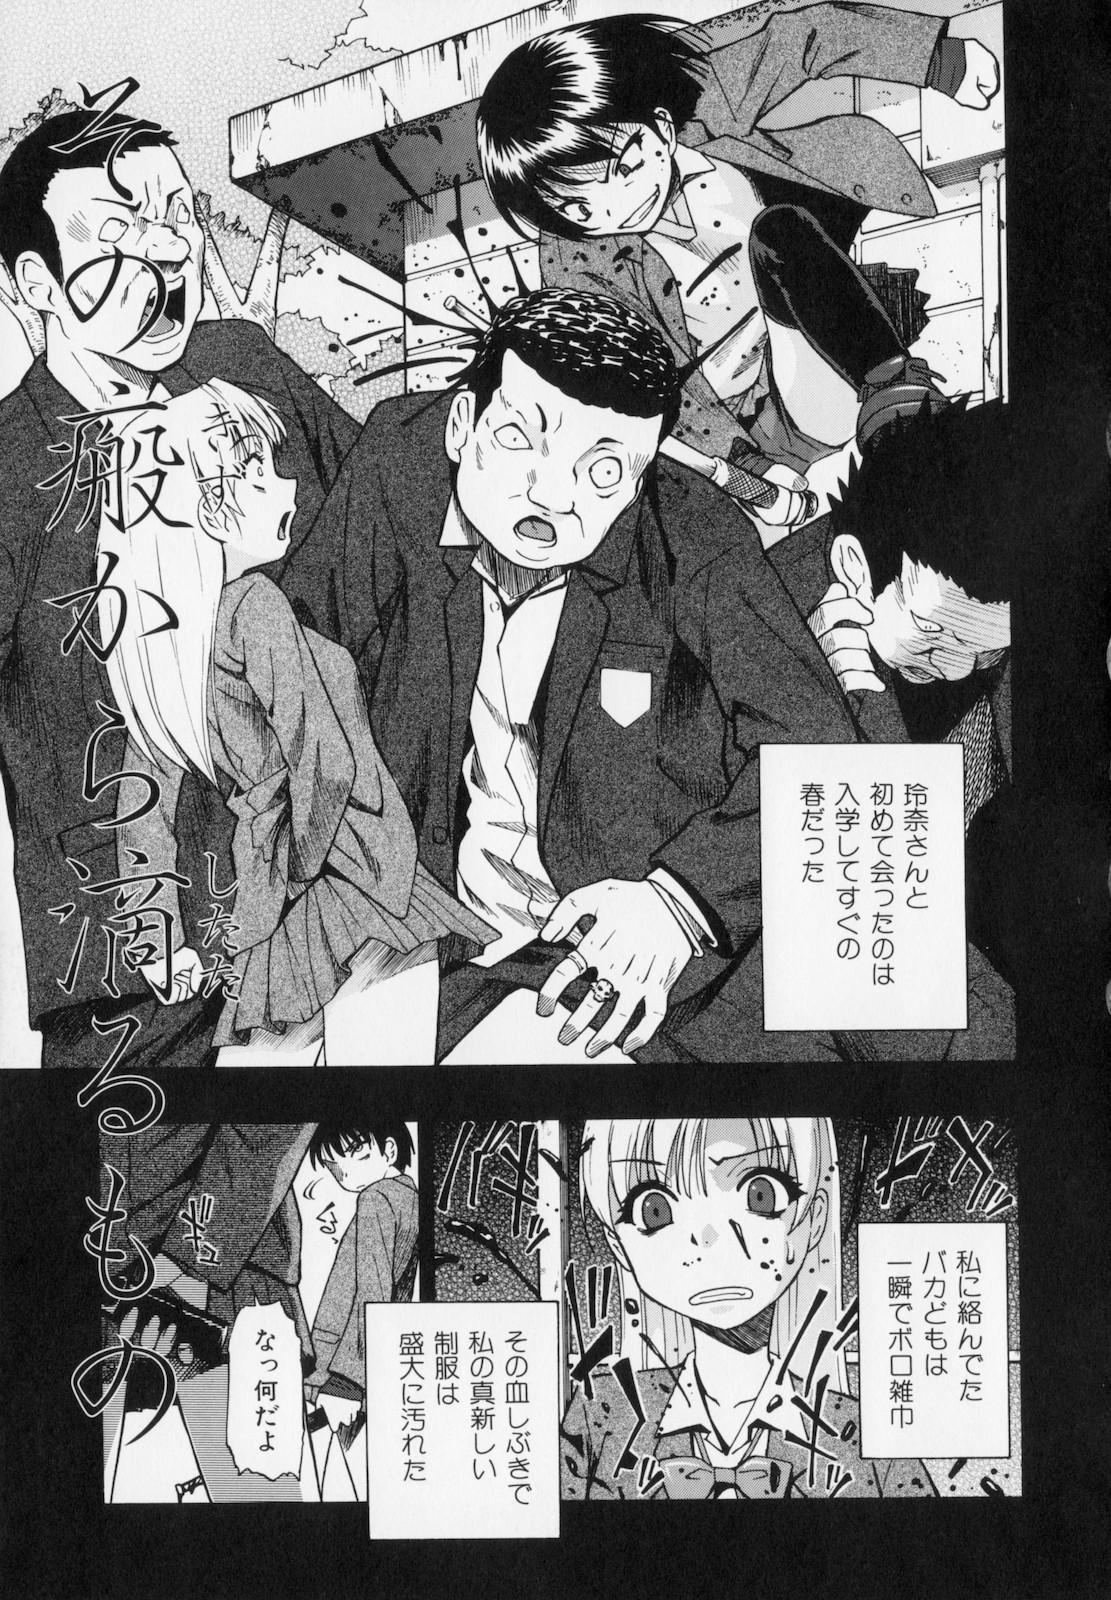 Hitodenashi no Utage - Veranstaltungsräume von Brute 64